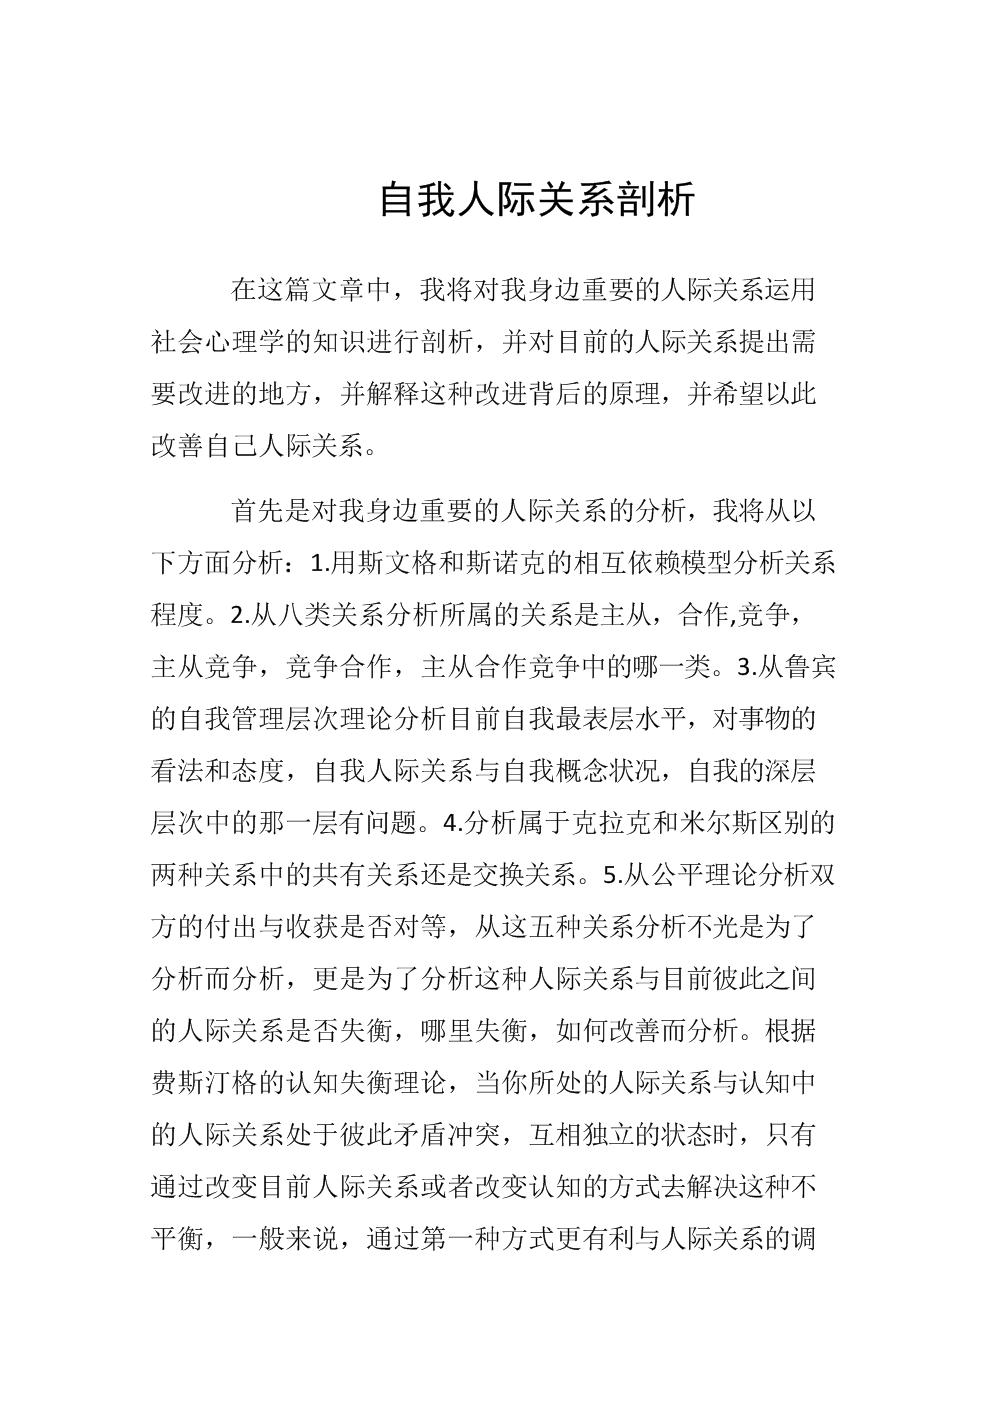 社会心理学期末考试自我人际关系剖析.doc